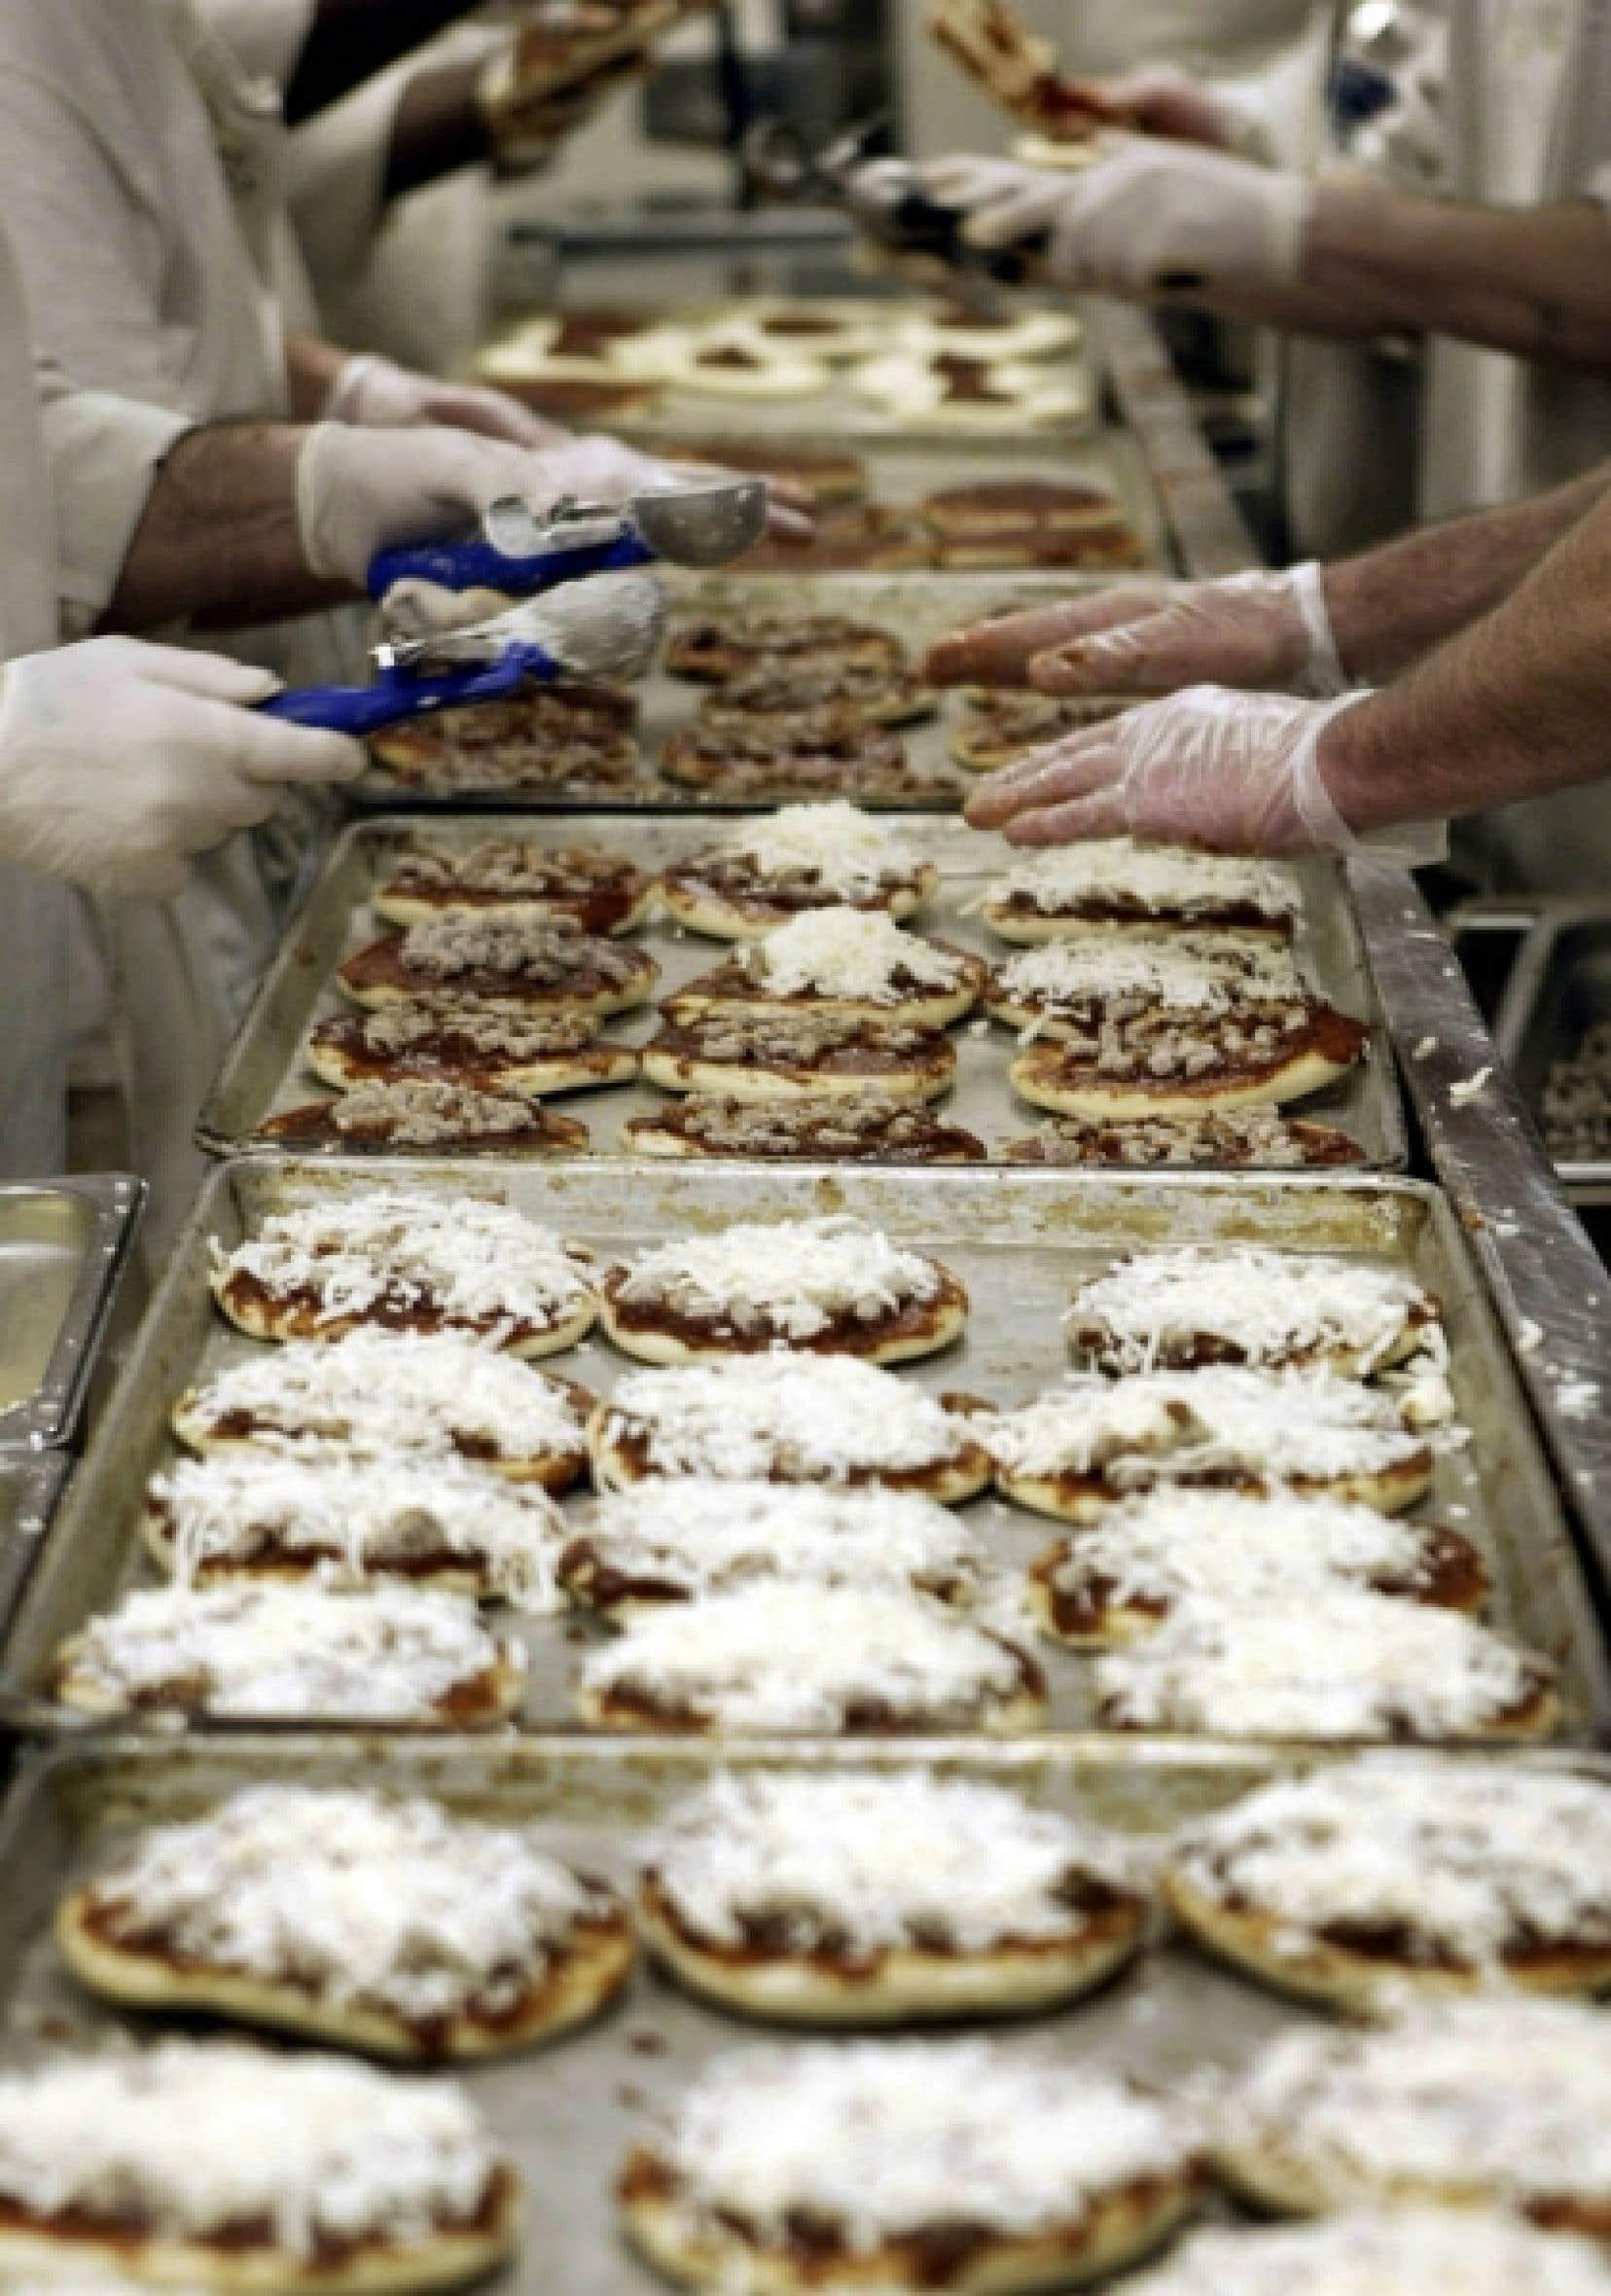 Les produits surgelés dont les pizzas sont une sorte de vulgaires copies d'un repas d'avion bas de gamme. Ils dégagent en chauffant une odeur désagréable et offrent aux papilles des tonalités conséquentes.